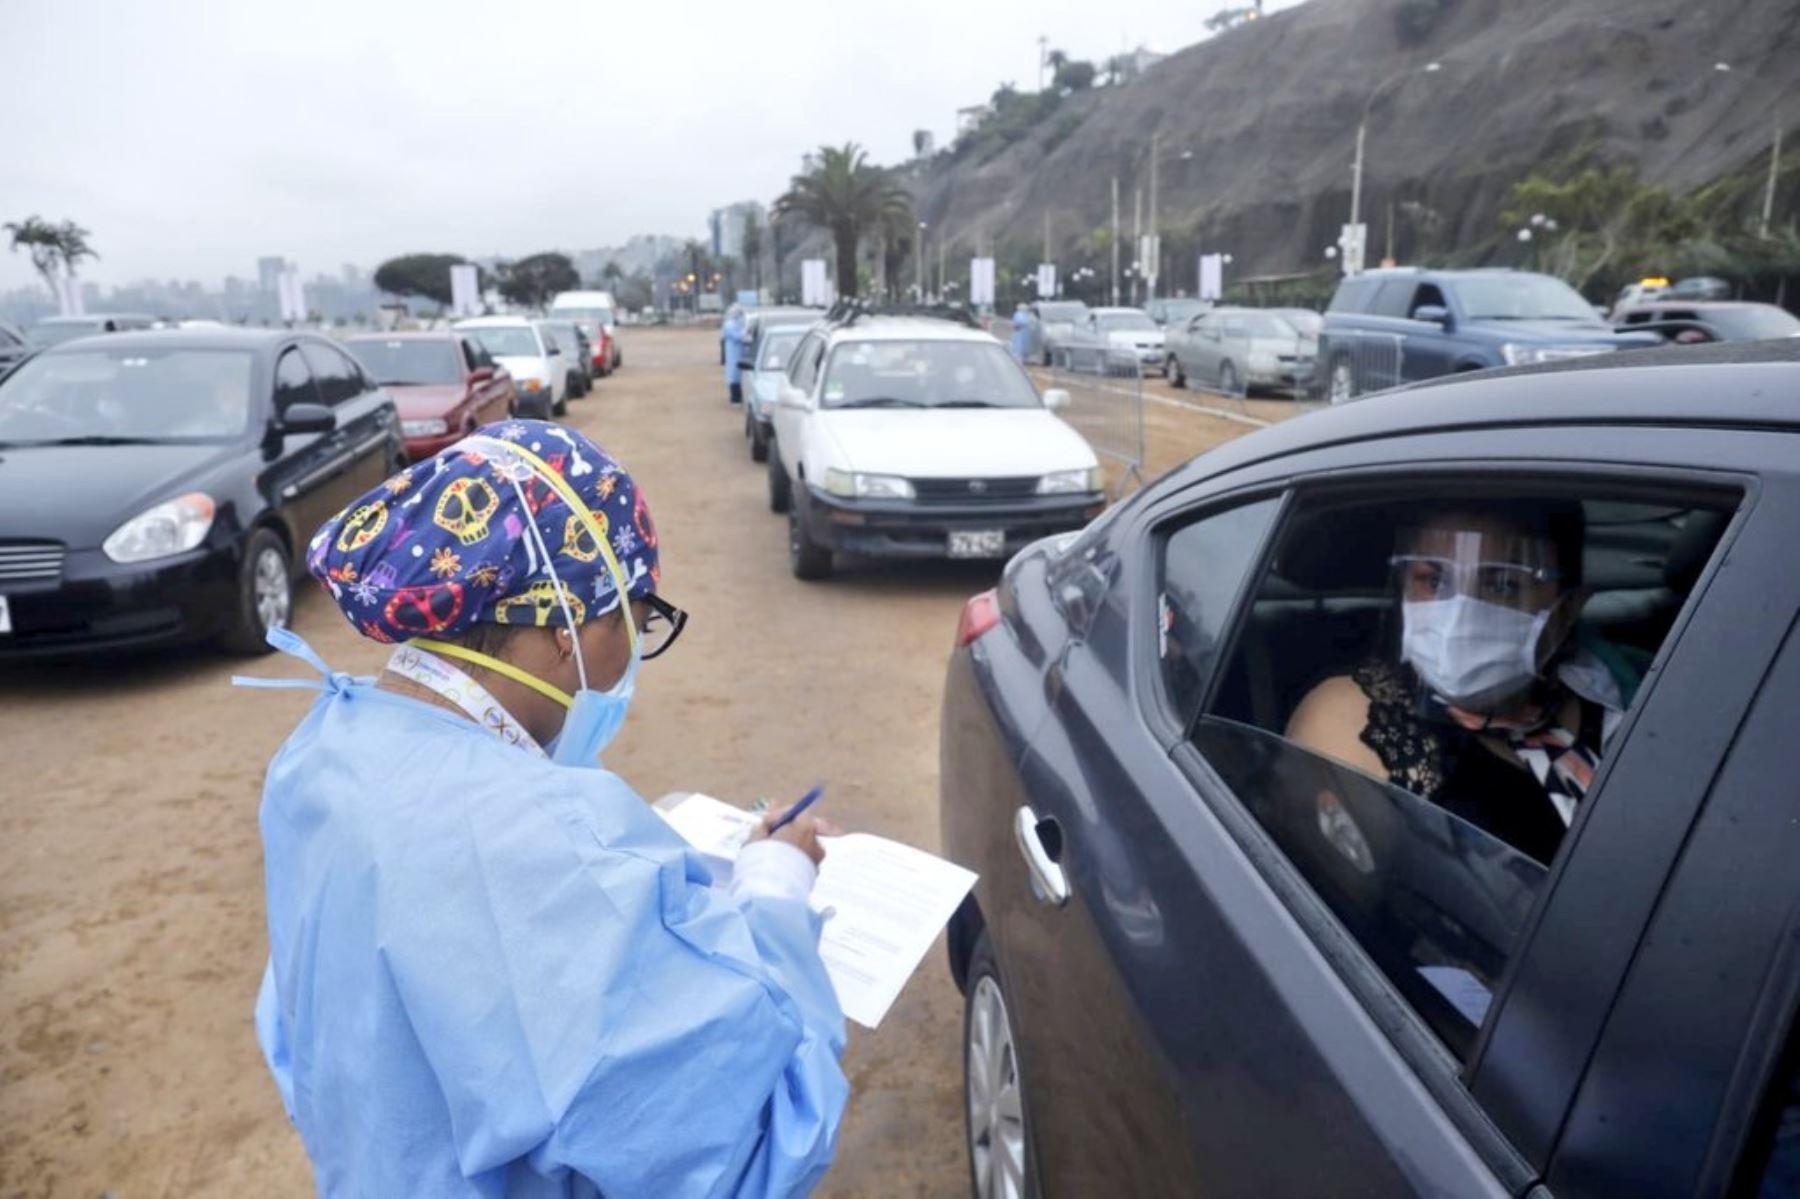 ¡Atención! Cierran temporalmente vacunatorios en la Costa Verde por fuerte oleaje